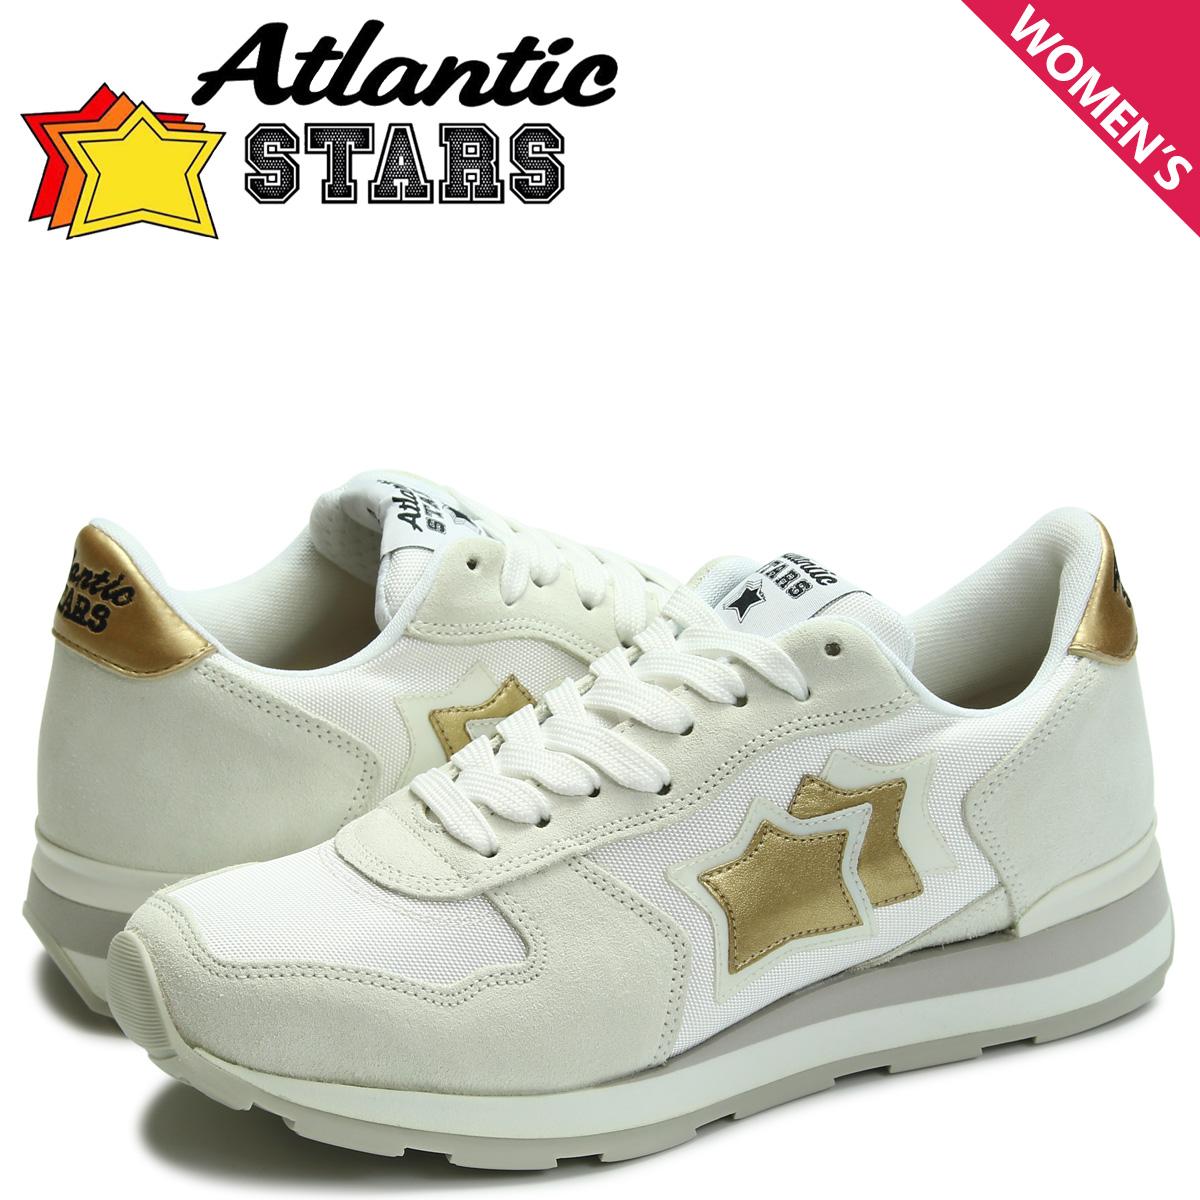 アトランティックスターズ Atlantic STARS スニーカー レディース ベガ VEGA ホワイト BO-86B [4/3 再入荷]